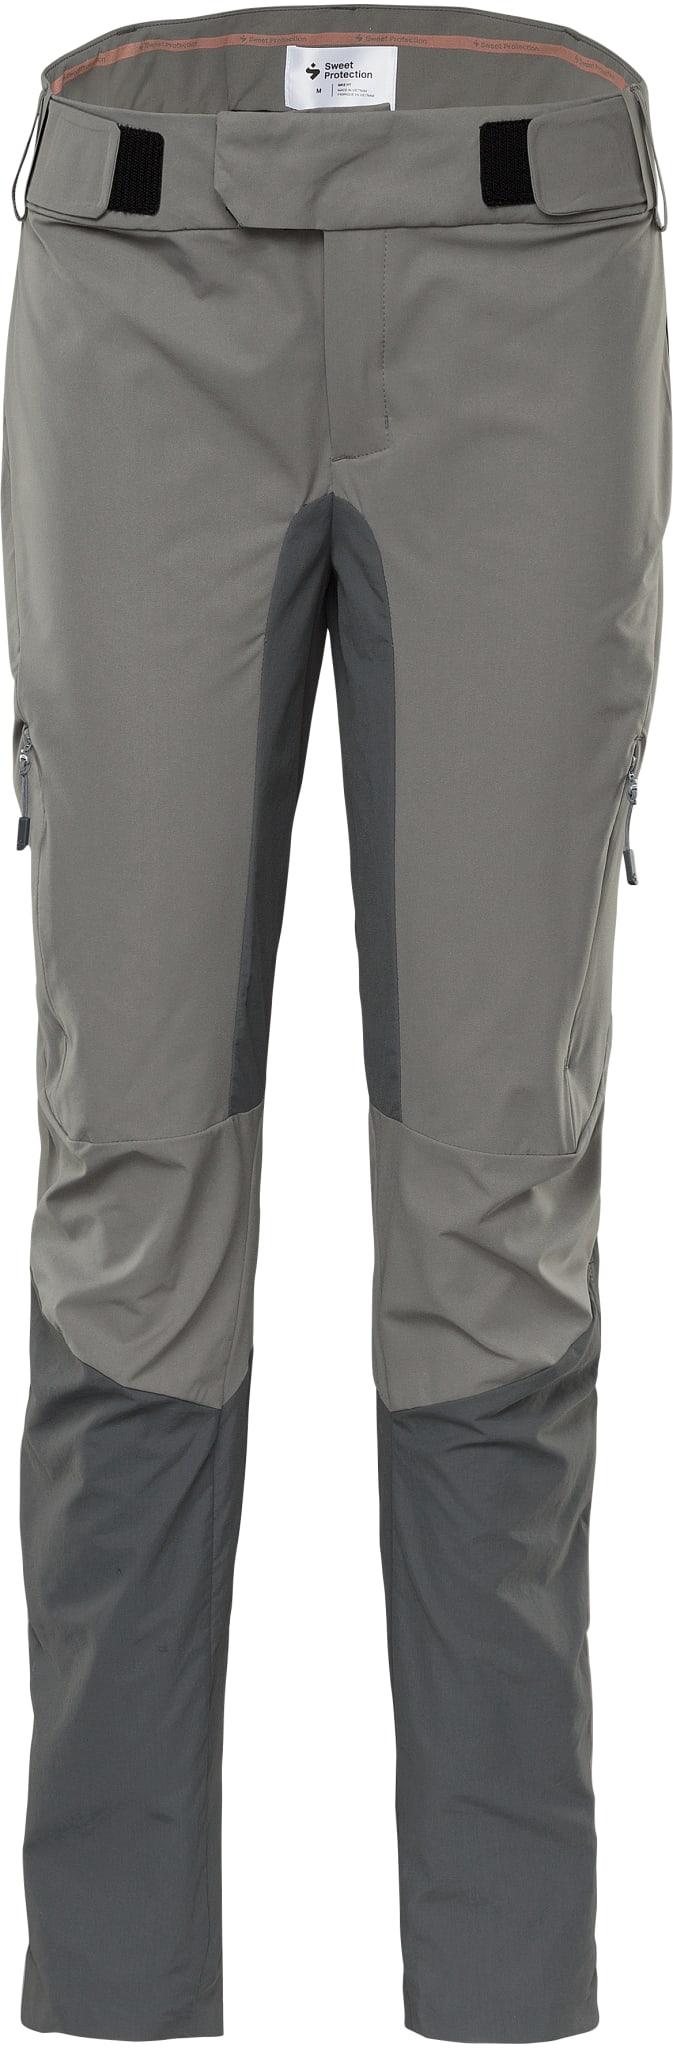 Lett og komfortabel softshell bukse